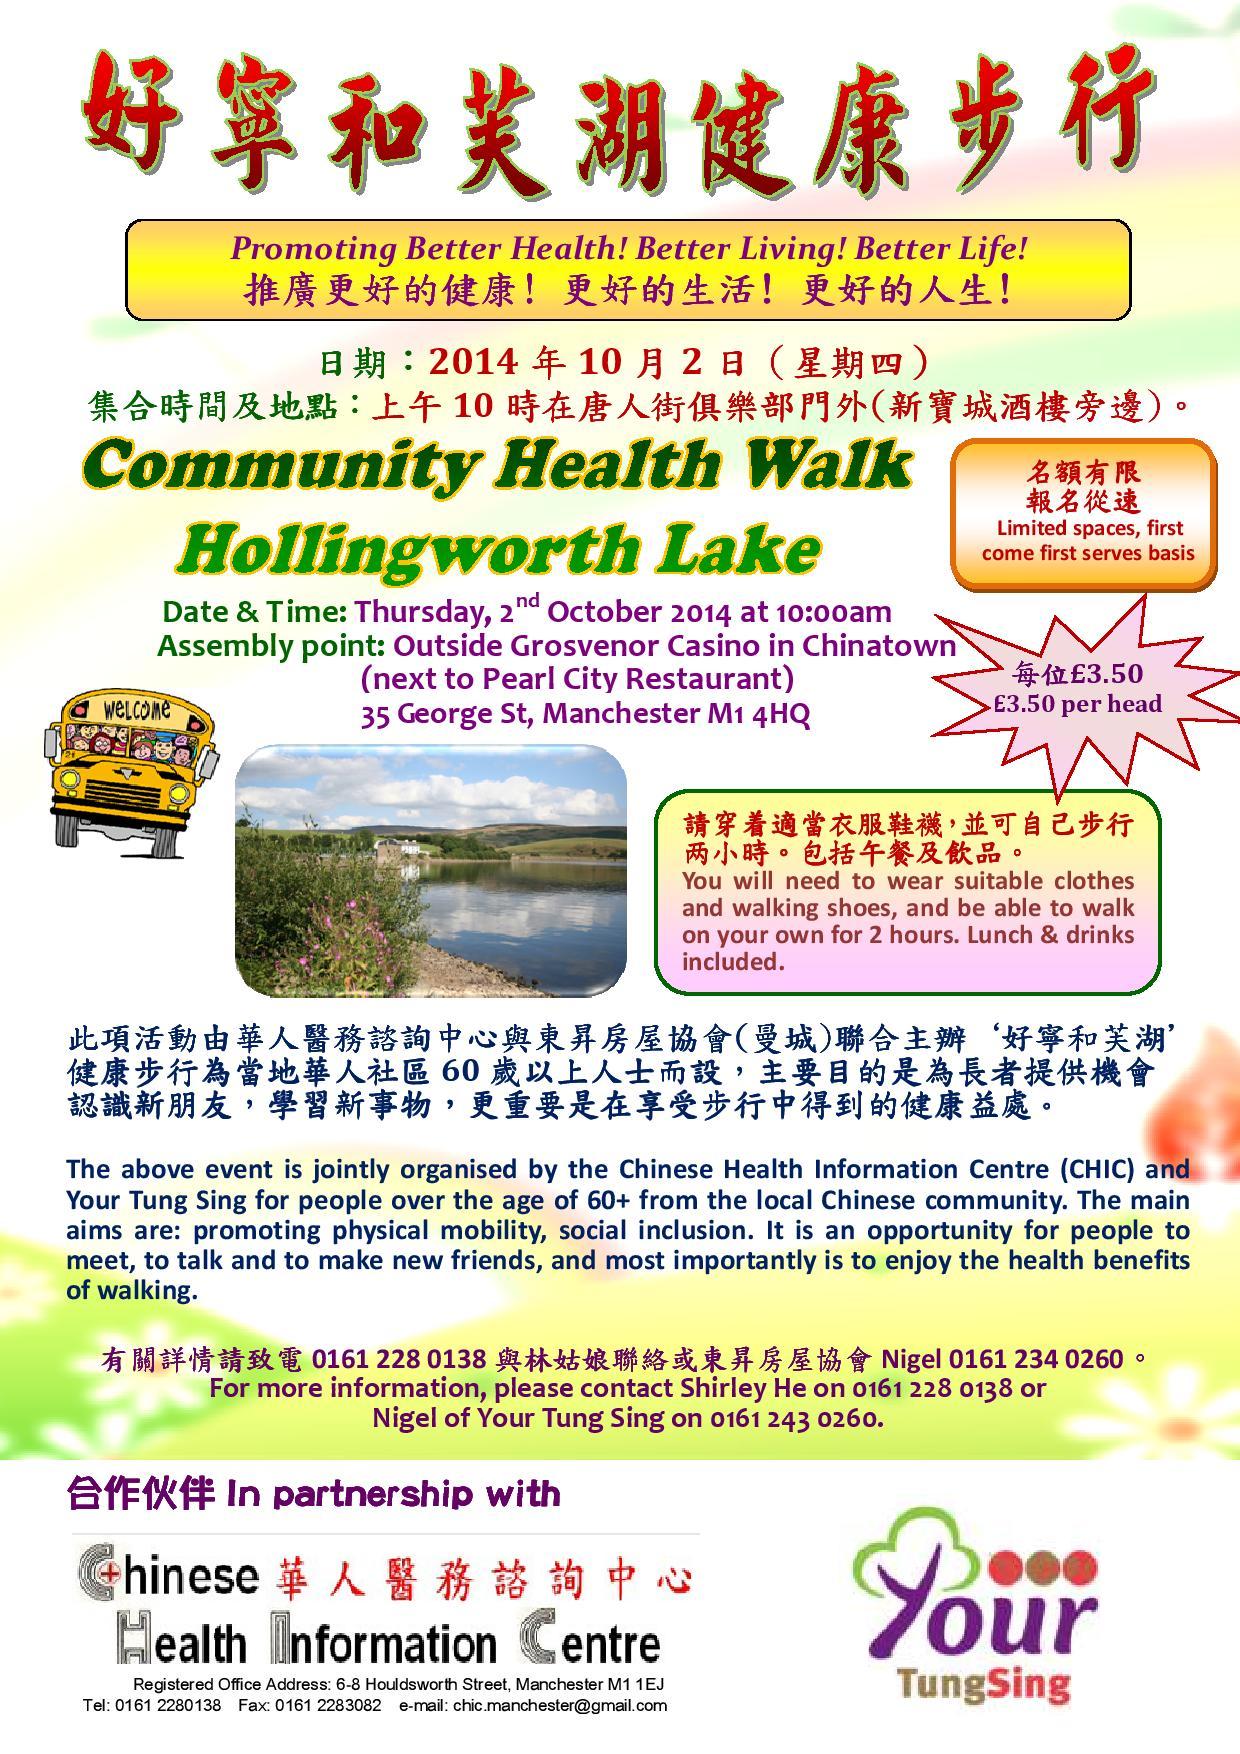 Community Health Walk - Hollingworth Lake